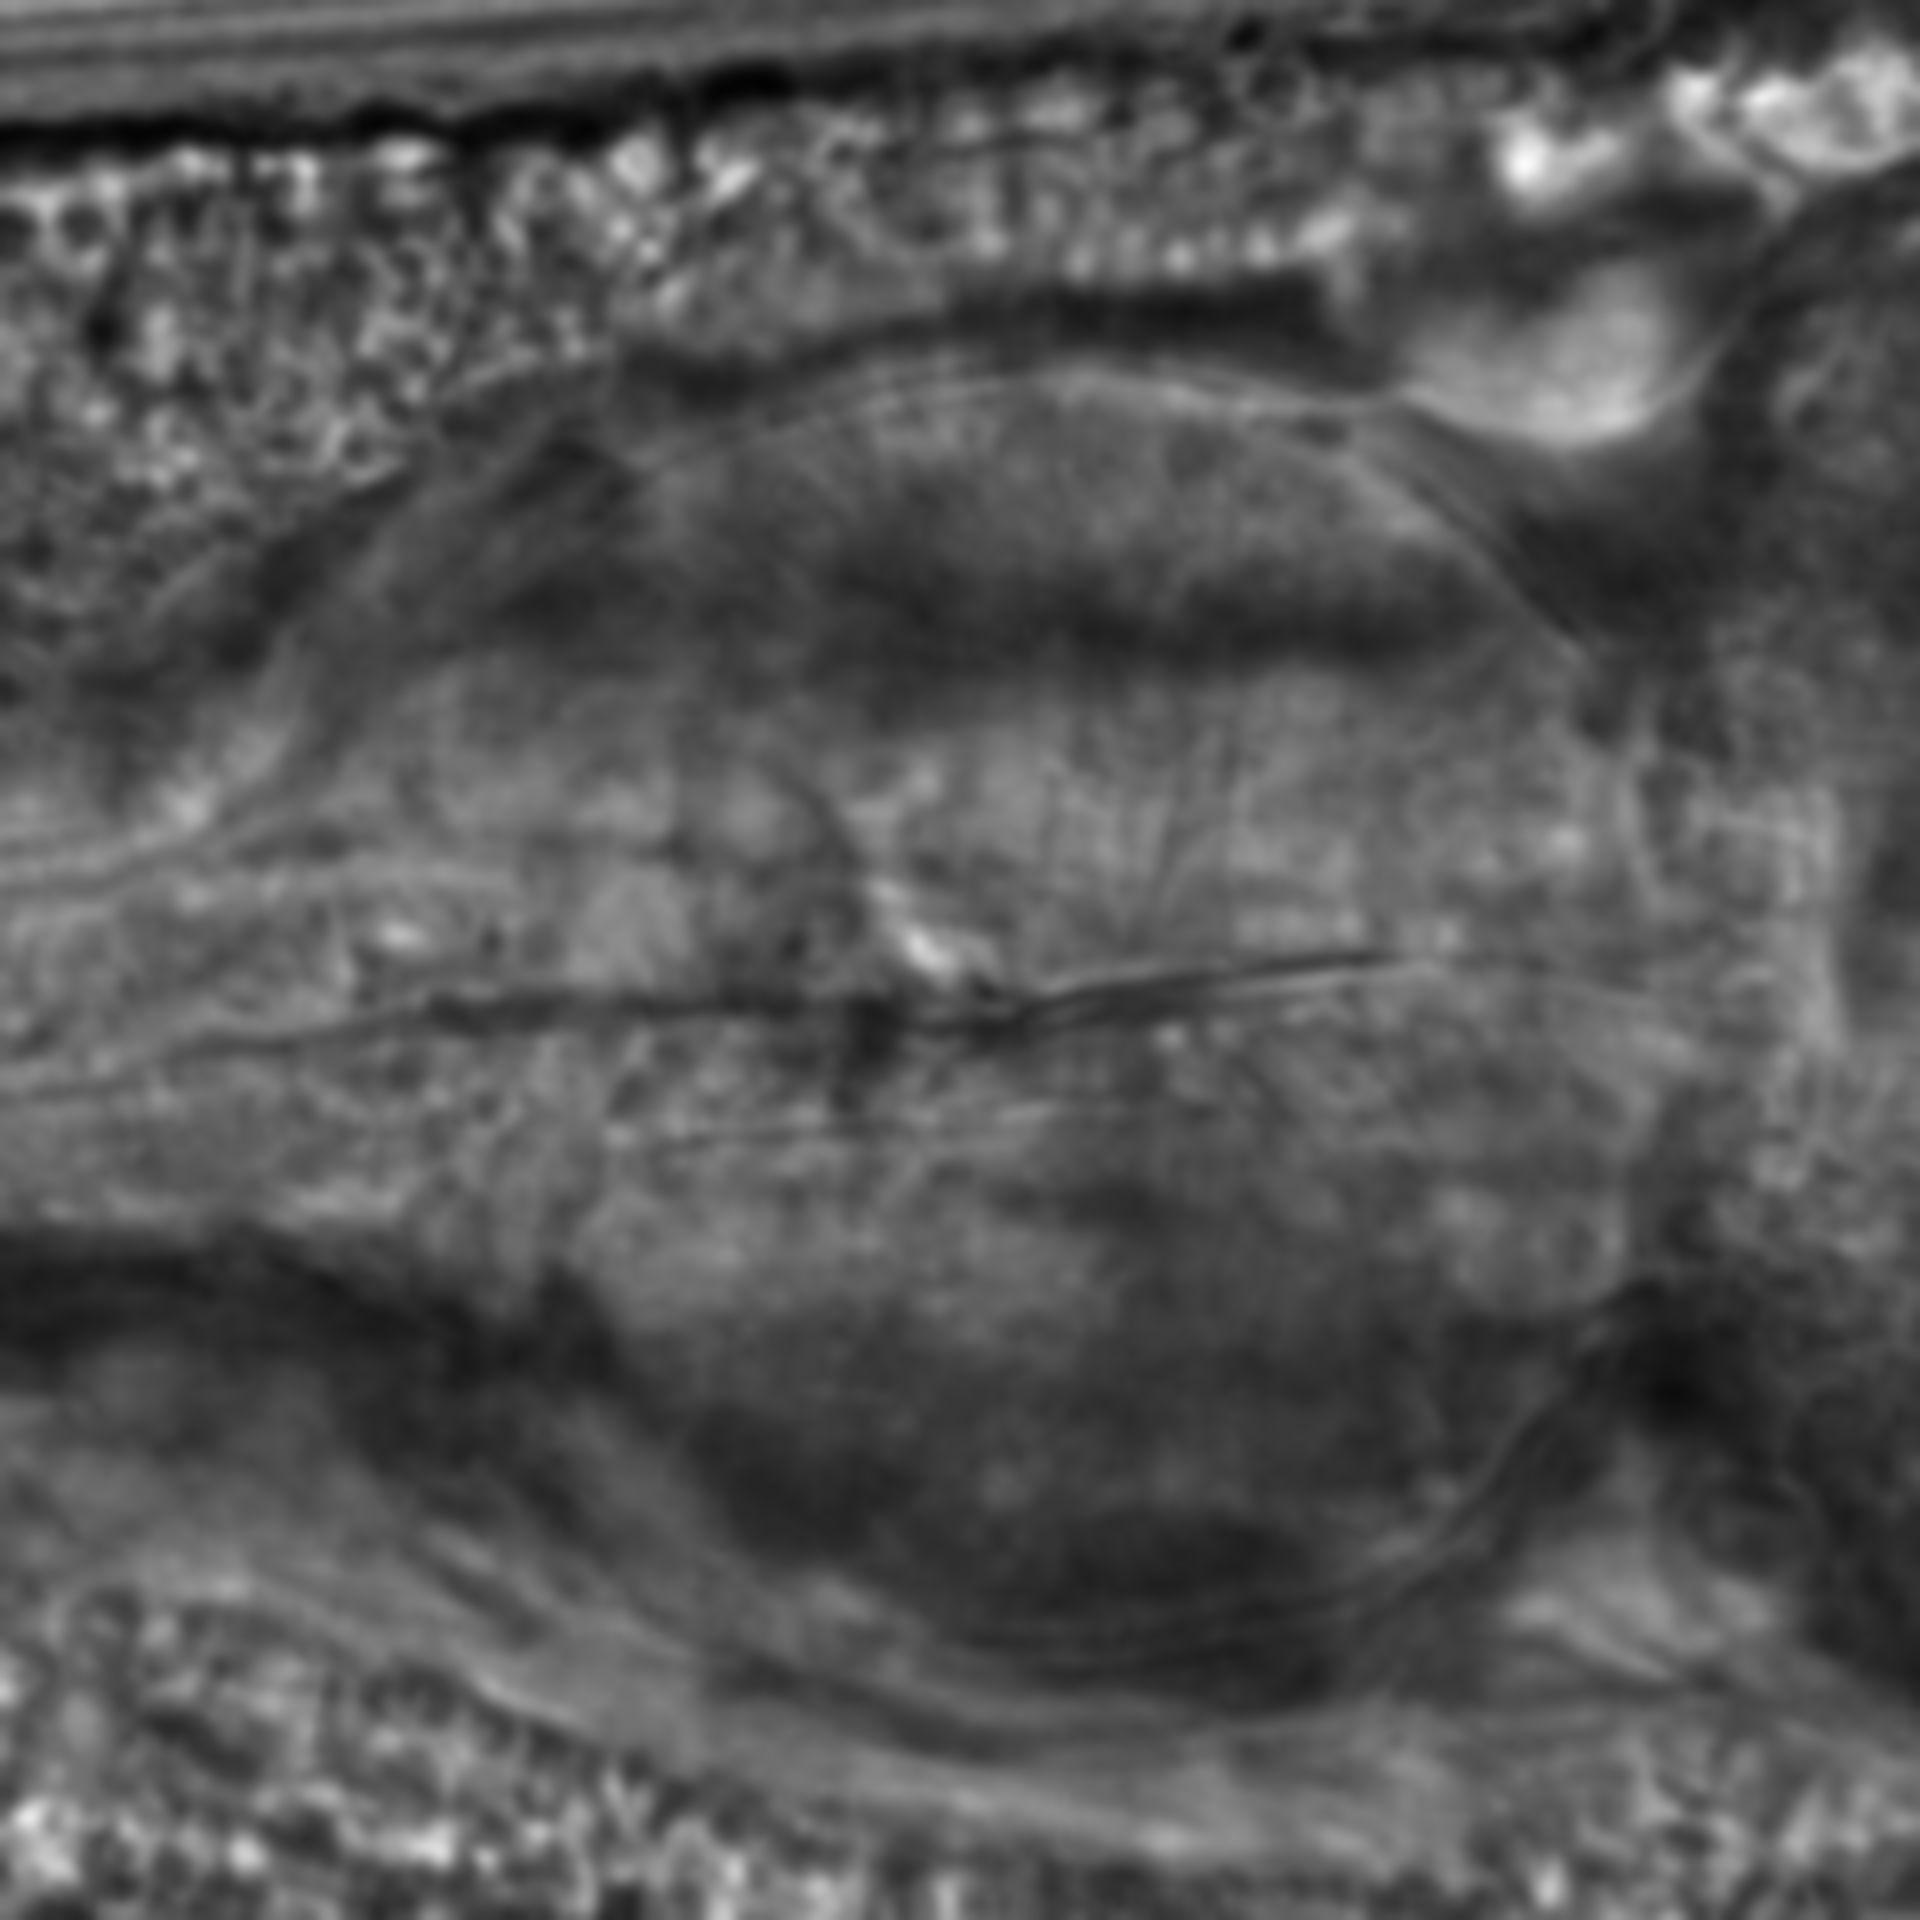 Caenorhabditis elegans - CIL:2190